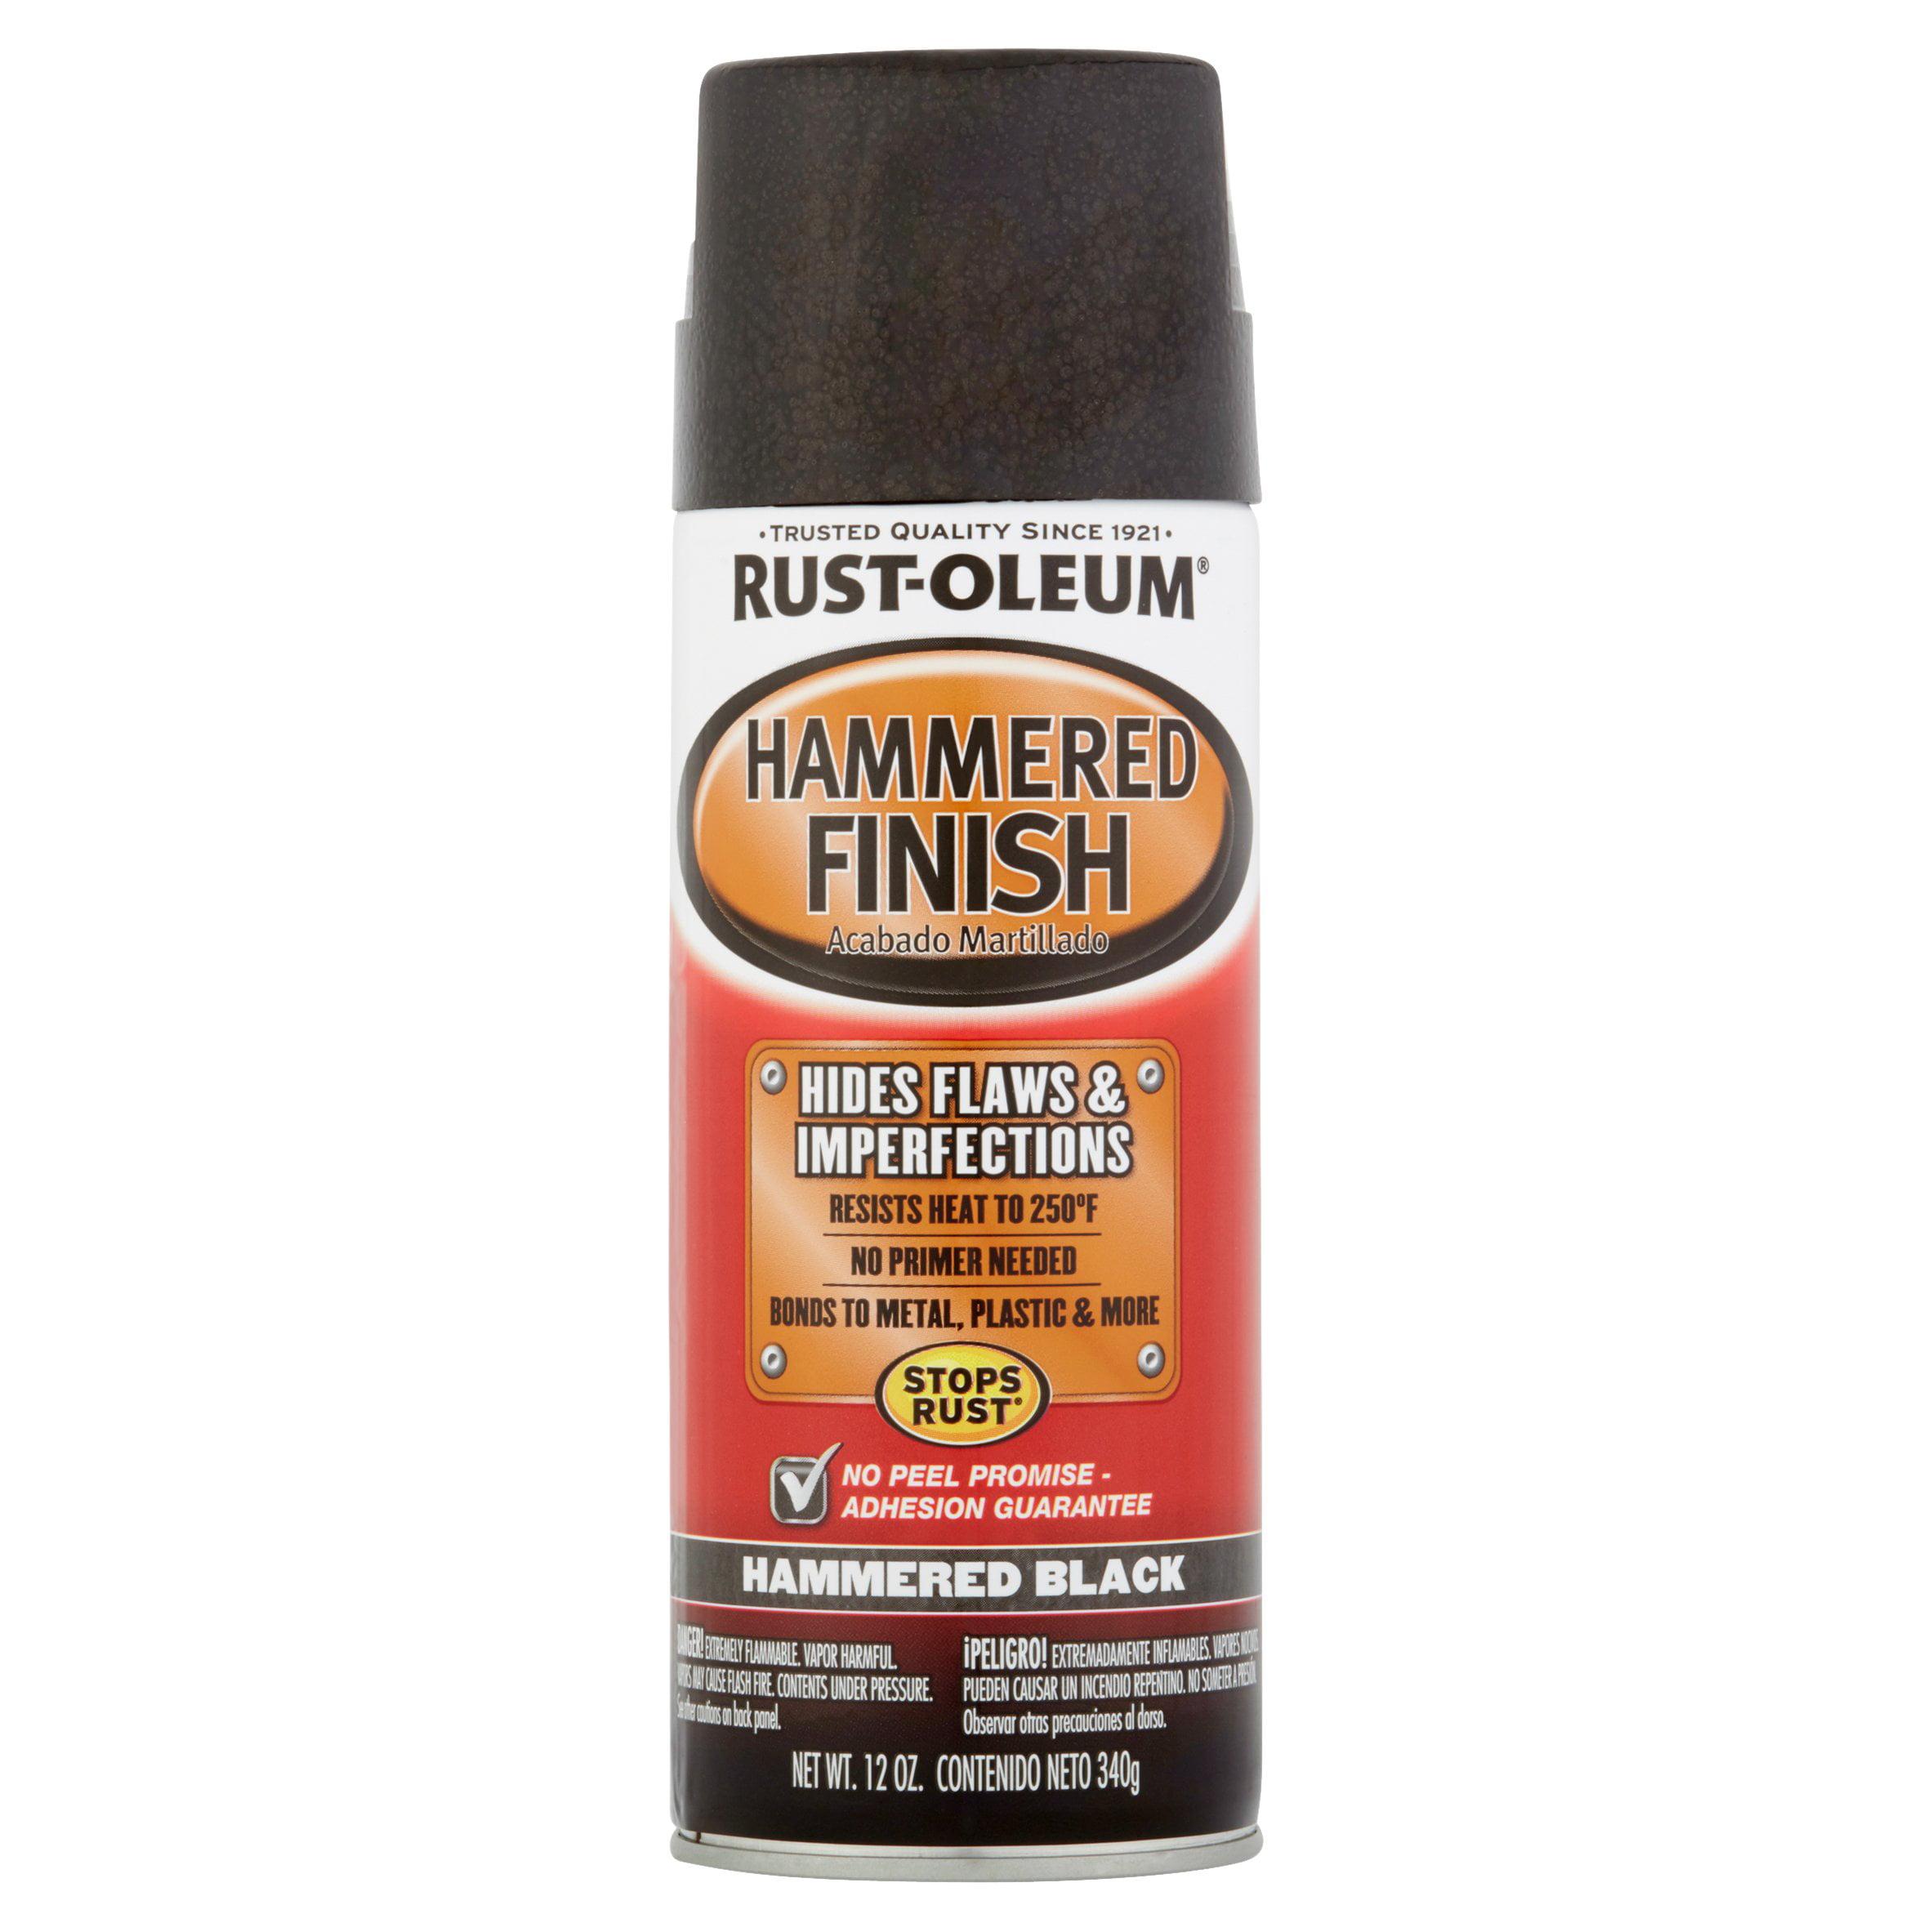 Rust-Oleum Hammered Finish